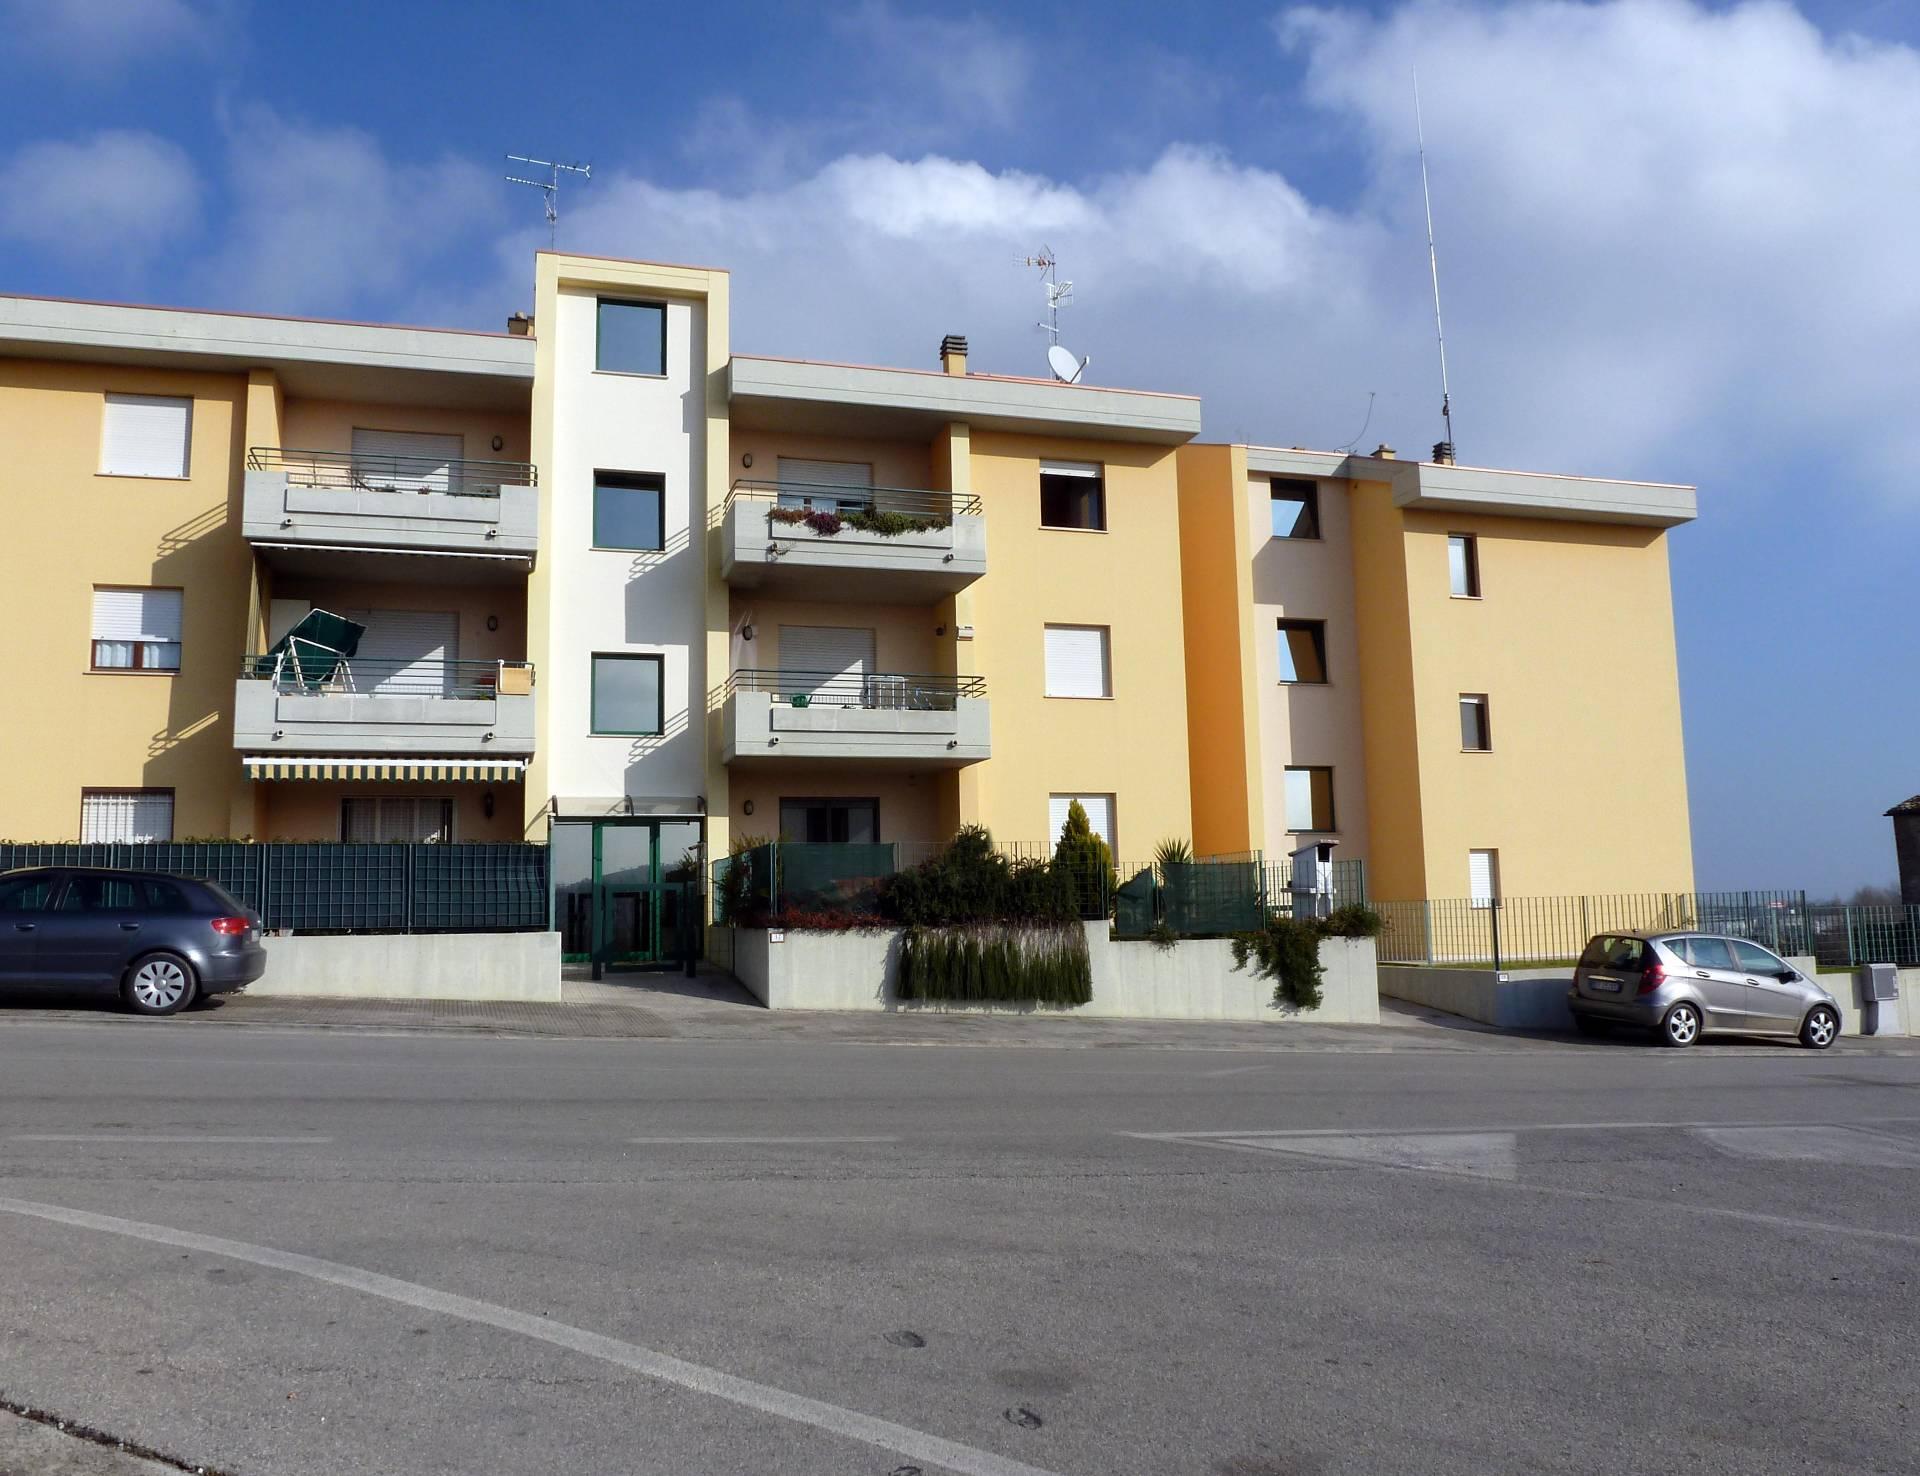 Appartamento in vendita a Corropoli, 4 locali, zona Località: Bivio, prezzo € 89.000   CambioCasa.it